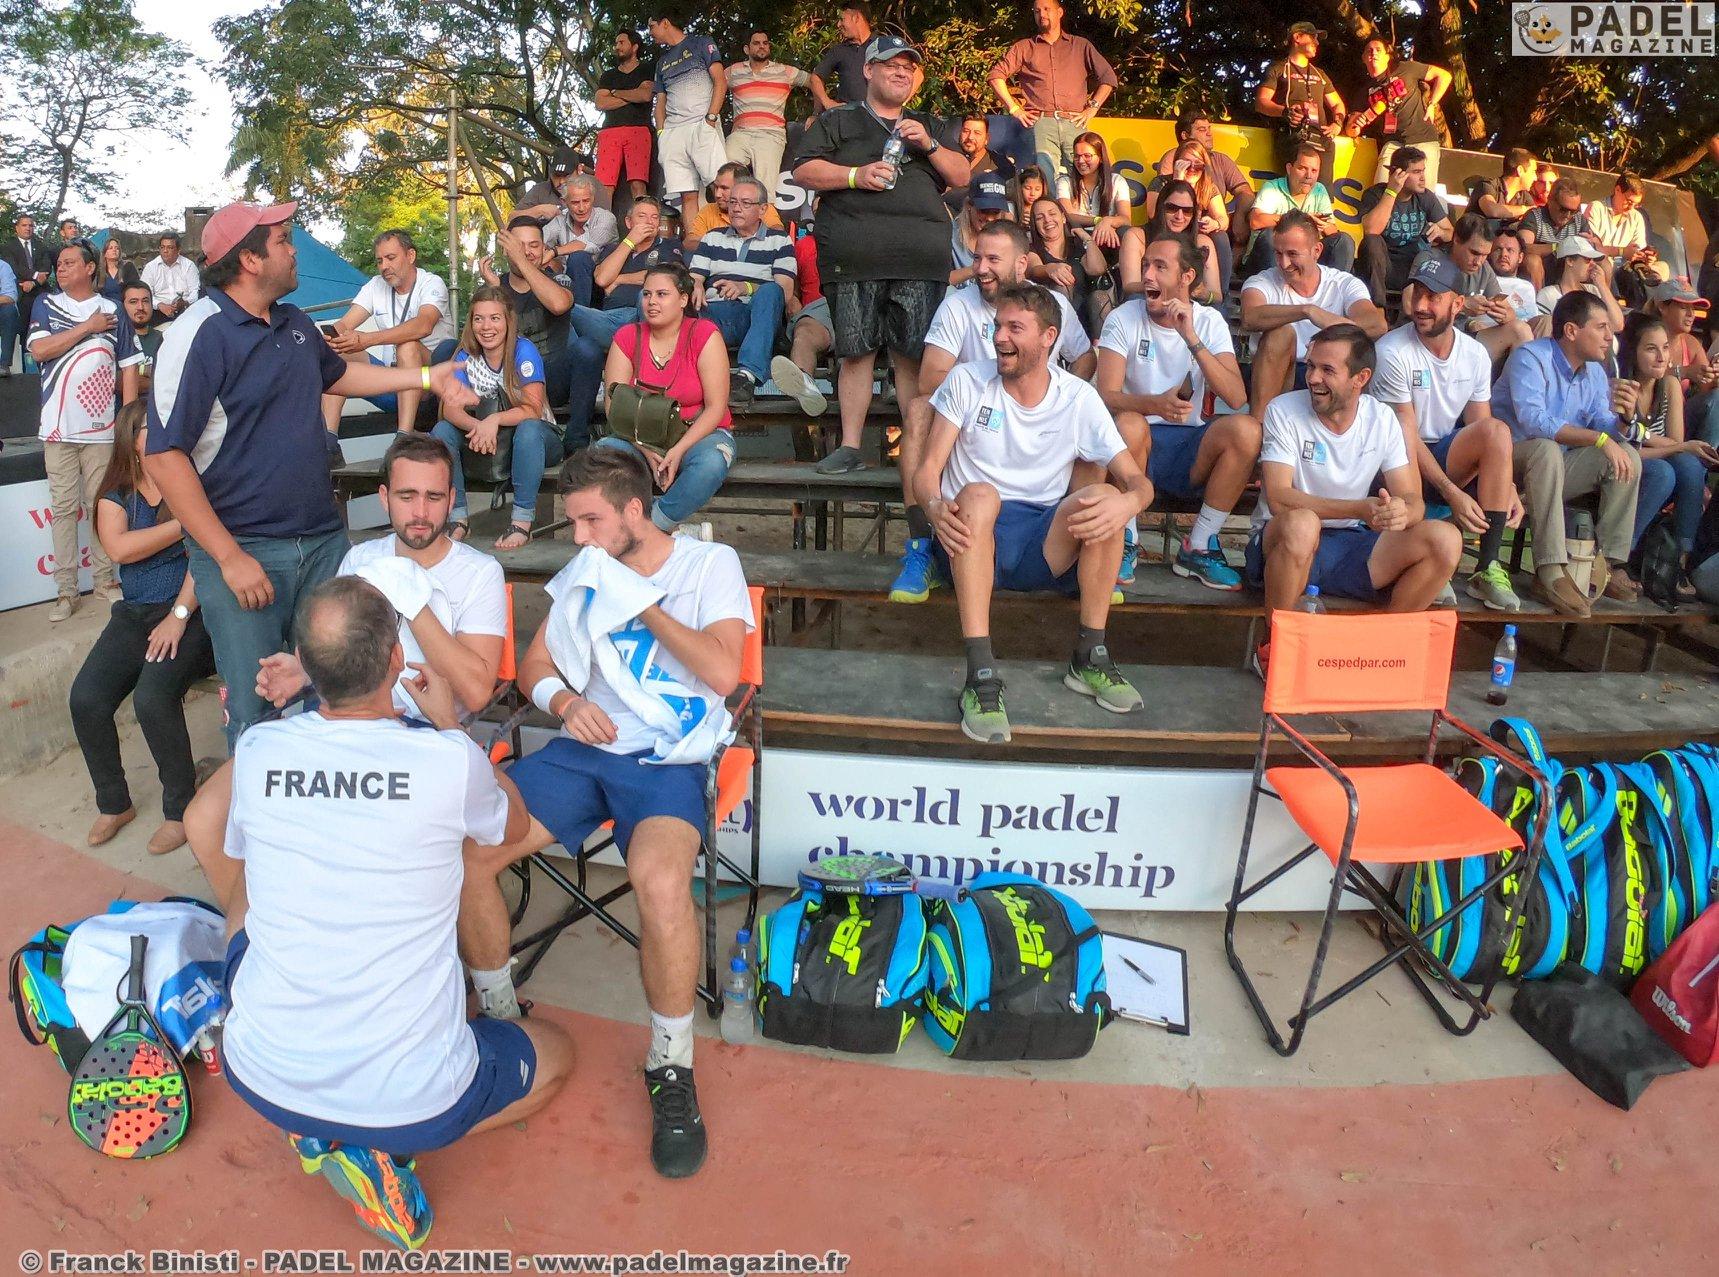 Tennis et Padel: S'entraider